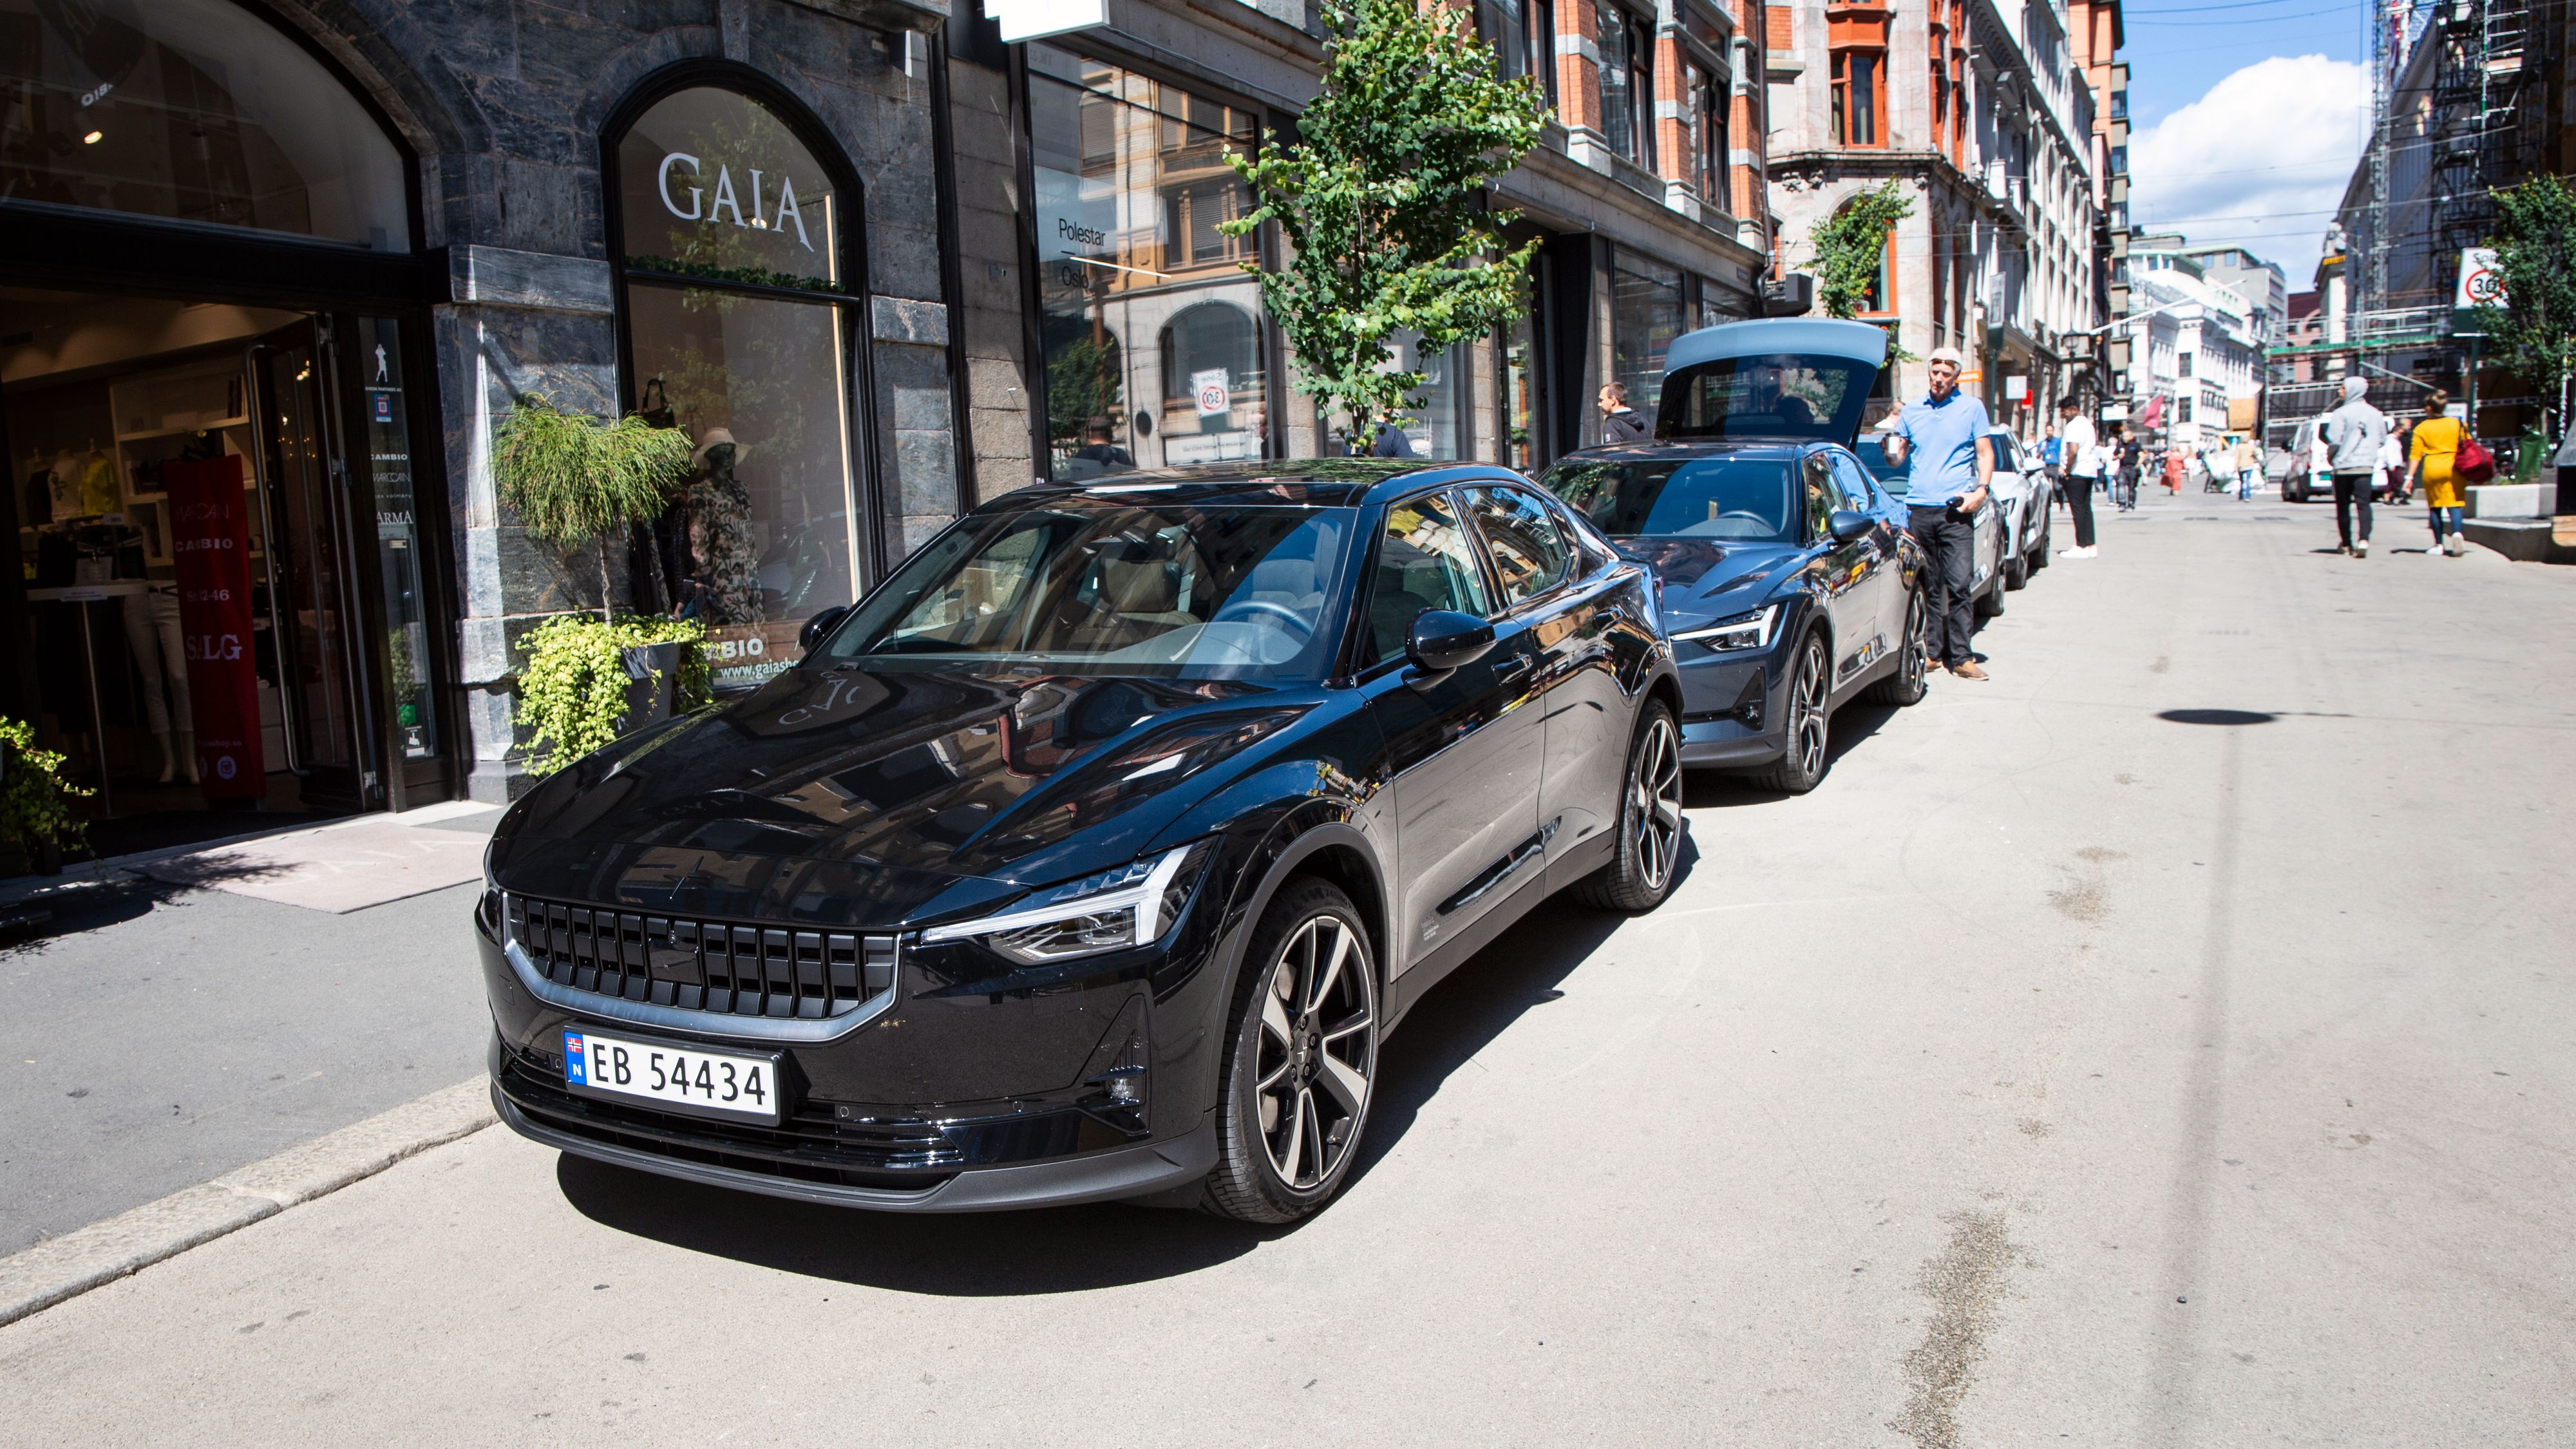 Besøkende på Polestars Space i Oslo onsdag fikk anledning til å se bilen i alle de fire fargene den kommer i. Polestar rakk akkurat å registrere fem eksemplarer av bilen før juni var over.